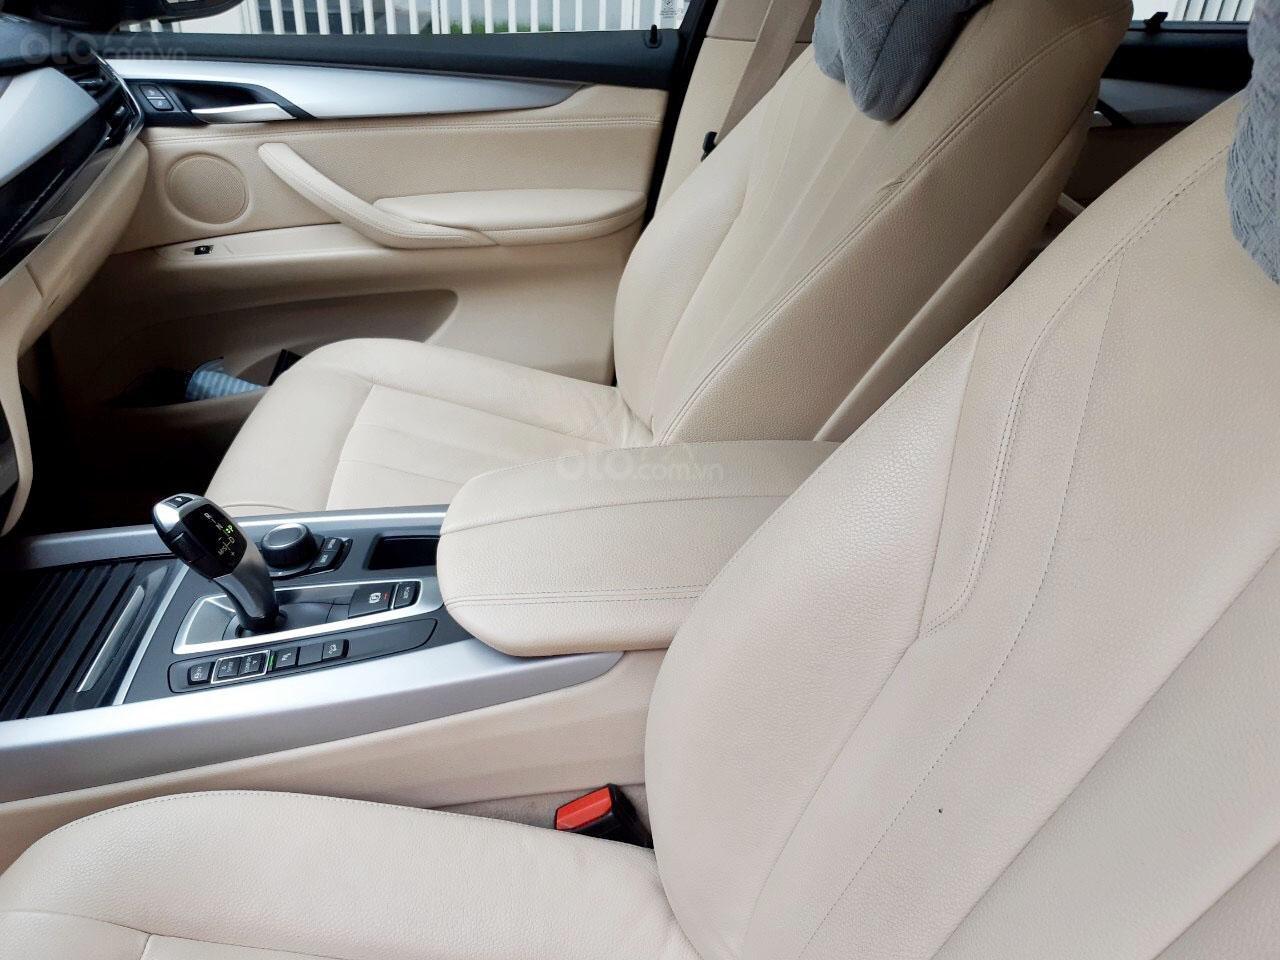 Bán BMW X5 xDrive30d, SX 2015, đã đi 93.000km, xe chính chủ-8